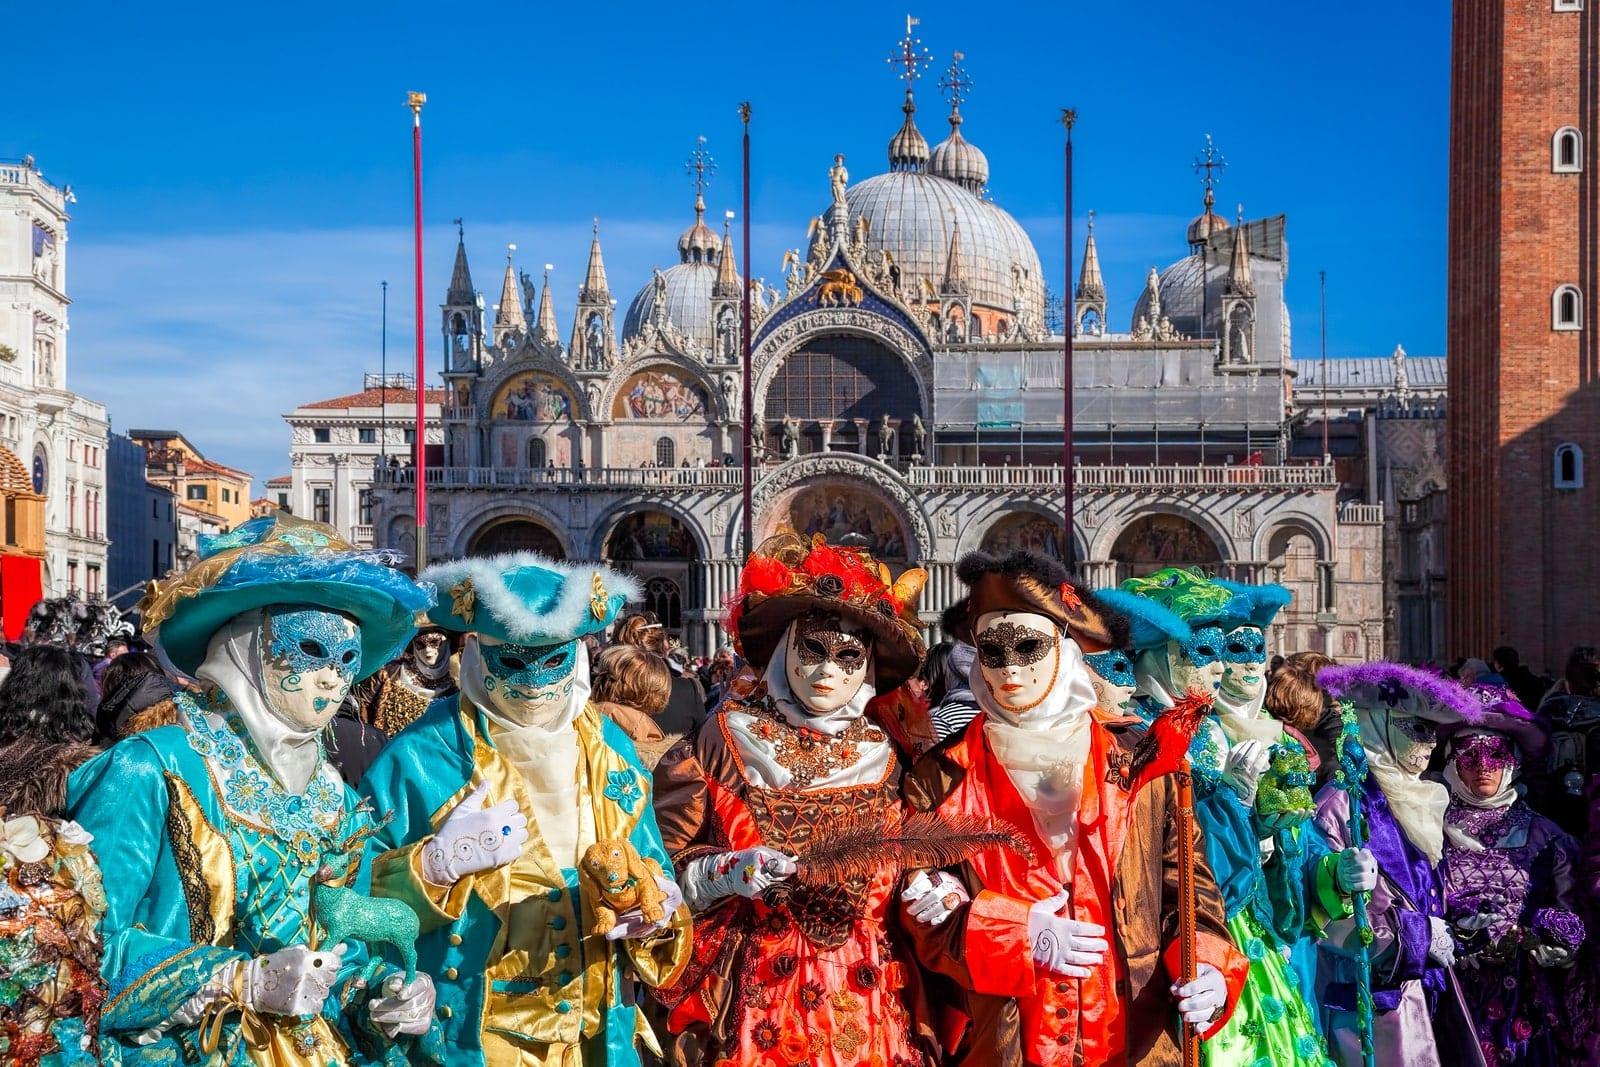 Carnaval de Veneza - Origem, história, características e atrações